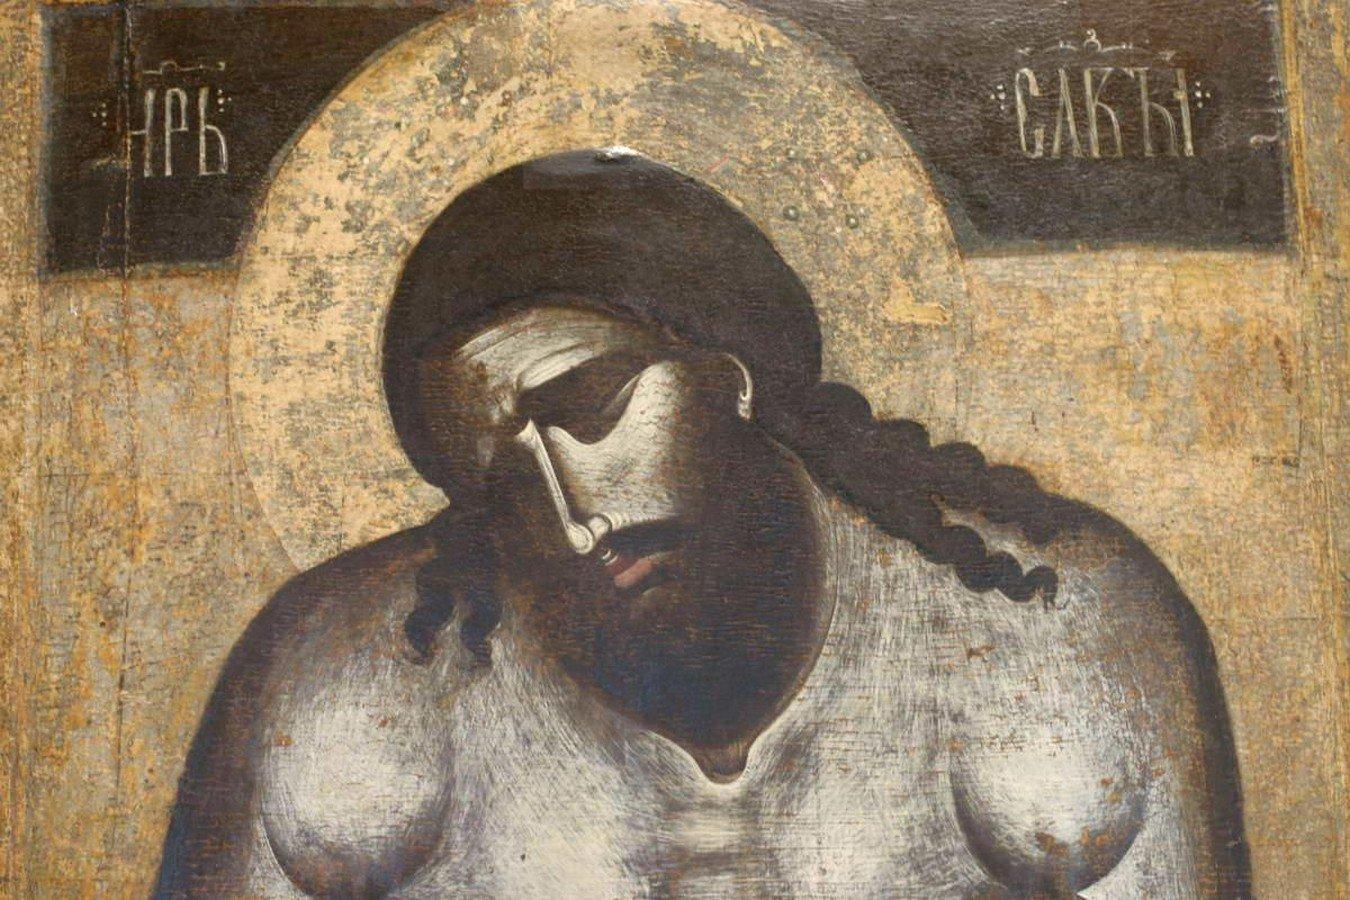 Христос во гробе (Христос Царь Славы). Балканская икона XIV века. ГТГ. Фрагмент.